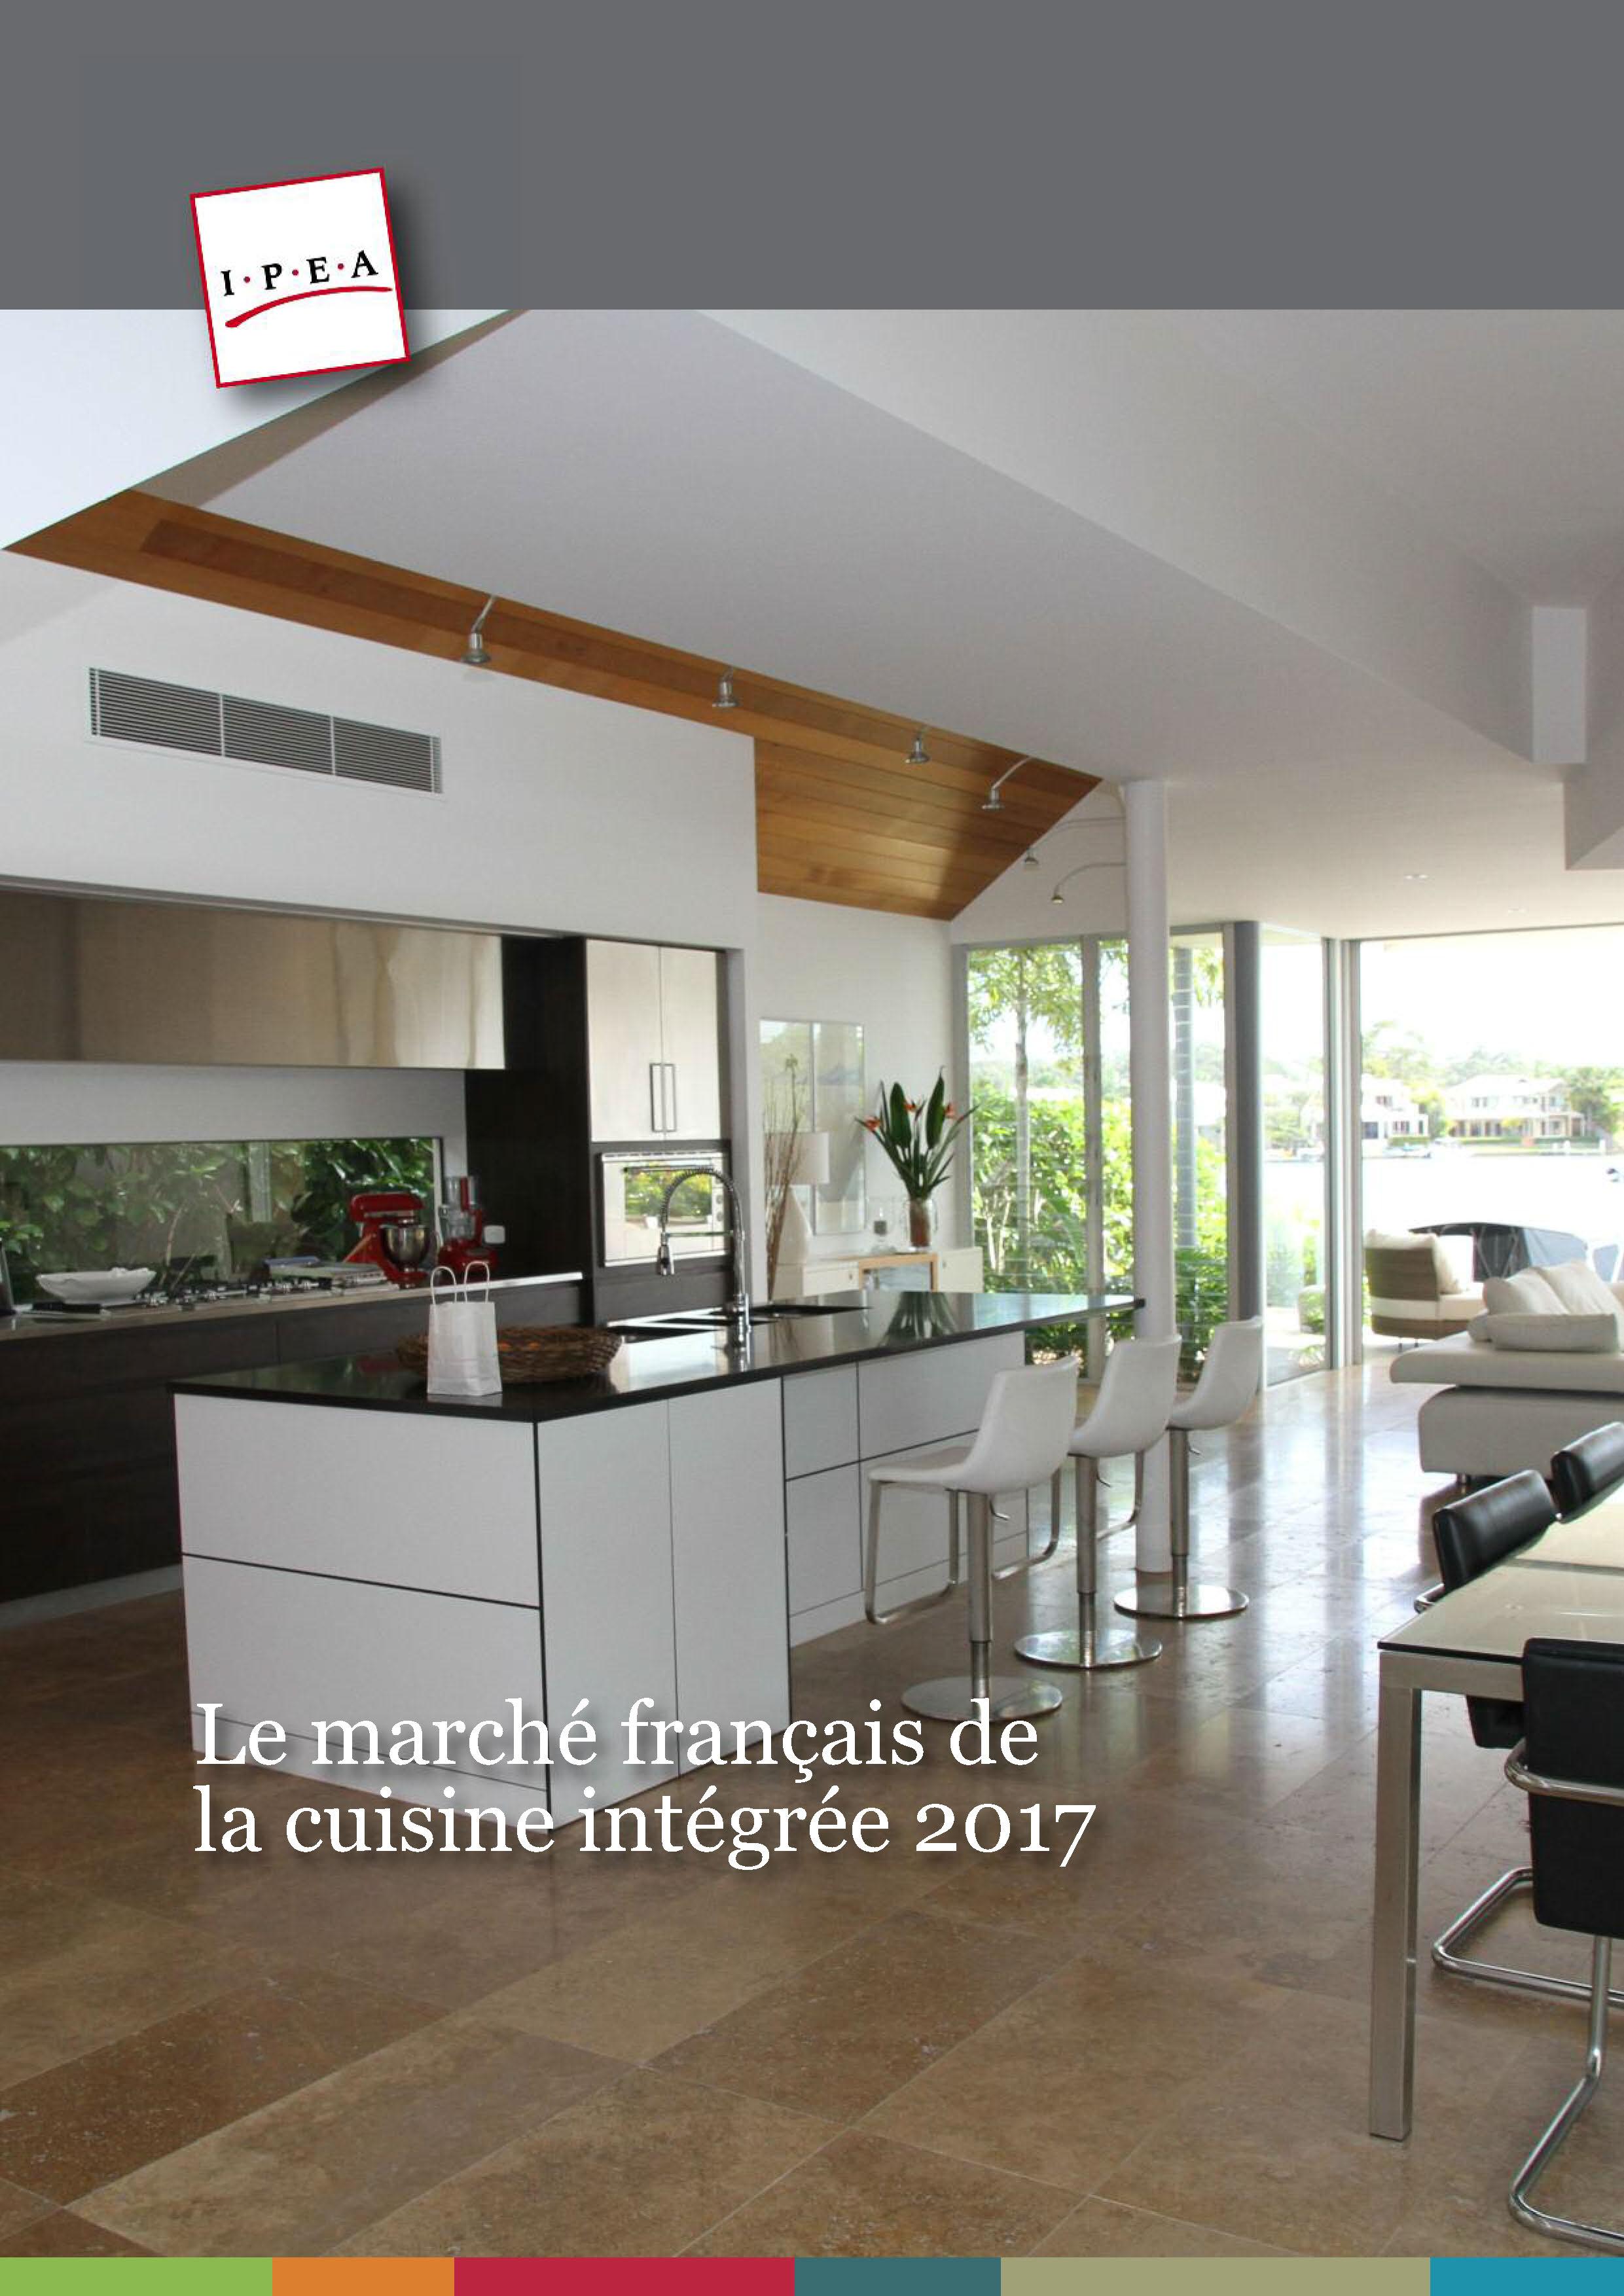 Le Marché Français de la Cuisine Intégrée 2017